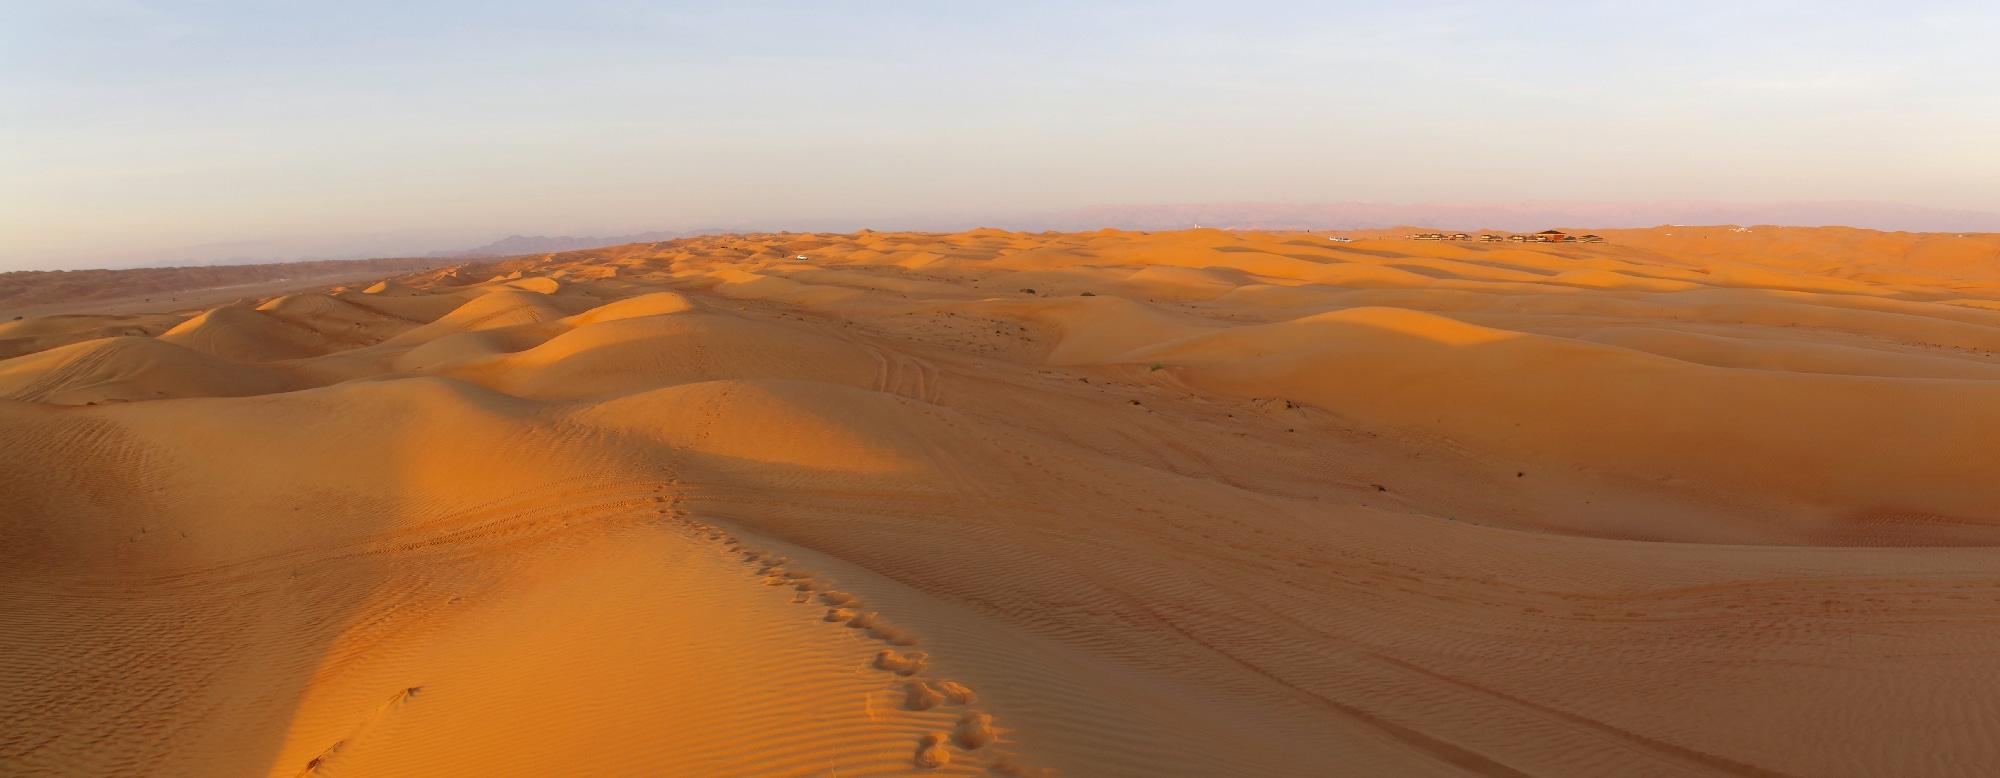 Les dunes entourant notre camp au loin sur la droite de cette photo.